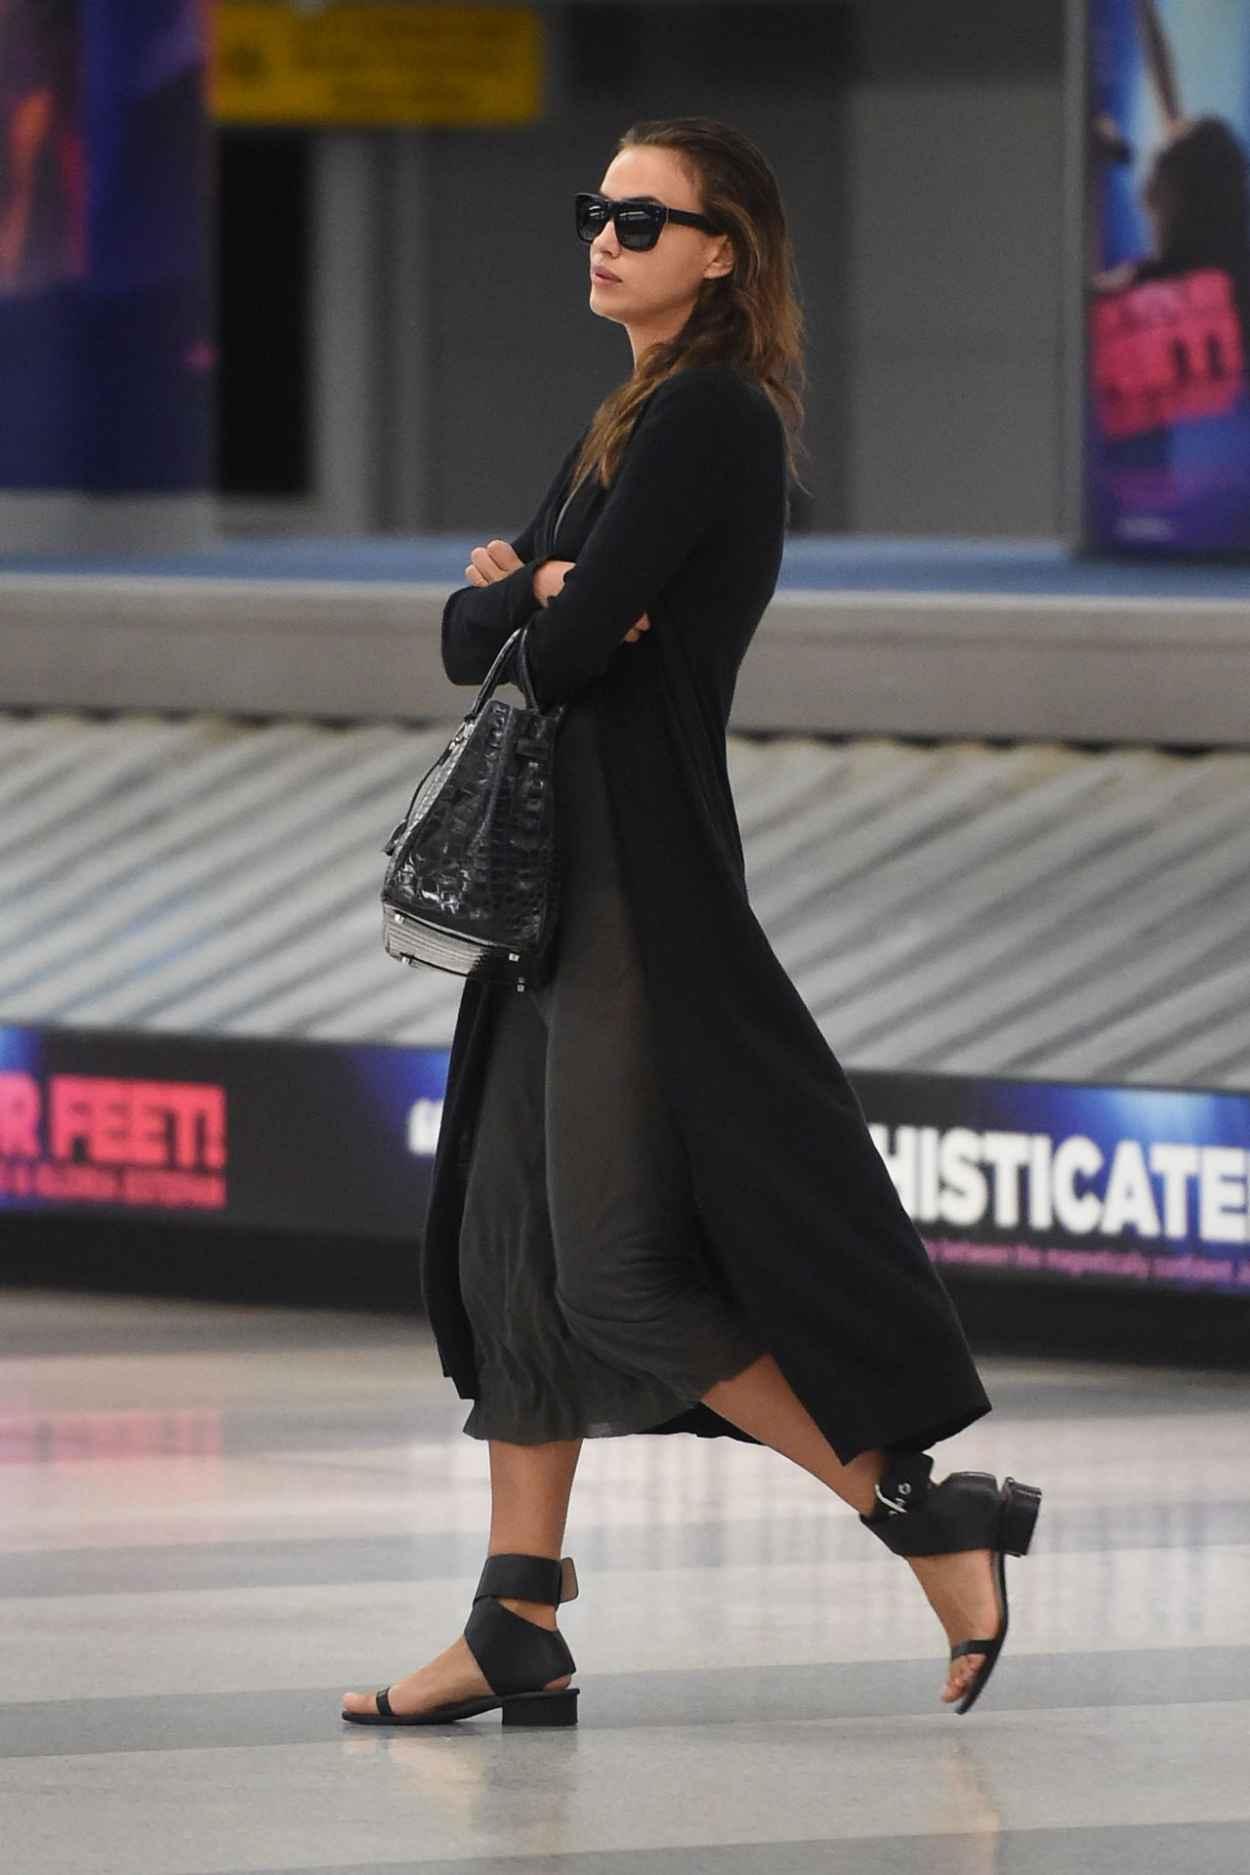 Irina Shayk Airport Style - JFK Airport in NYC, September 2015-4